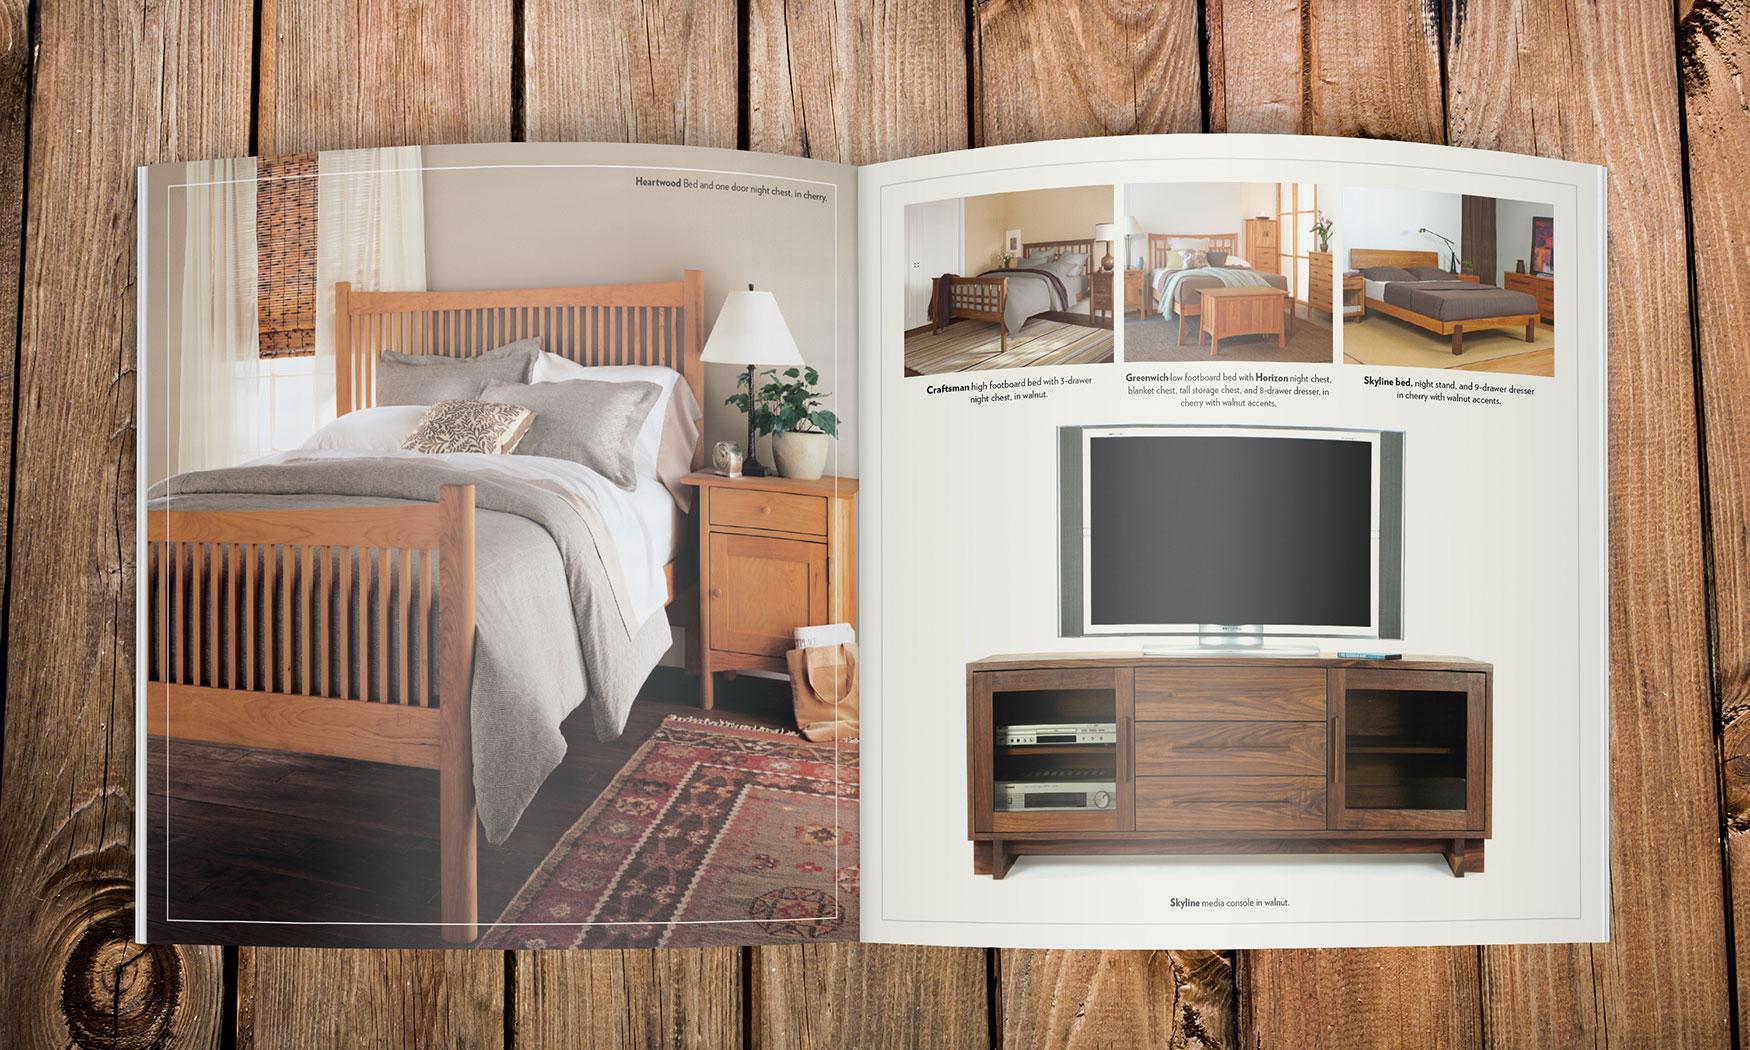 VFD-catalog-spread-1.jpg